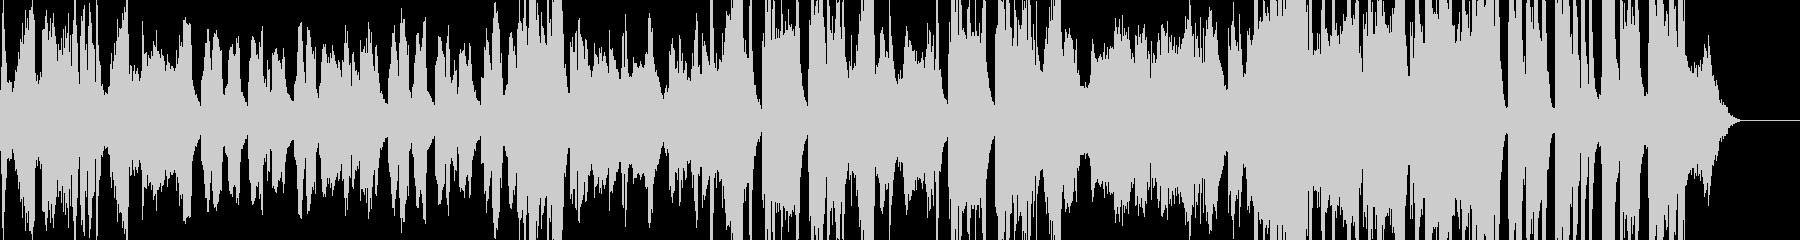 【ベース無し・ドラム無し】ジャズ・おし…の未再生の波形